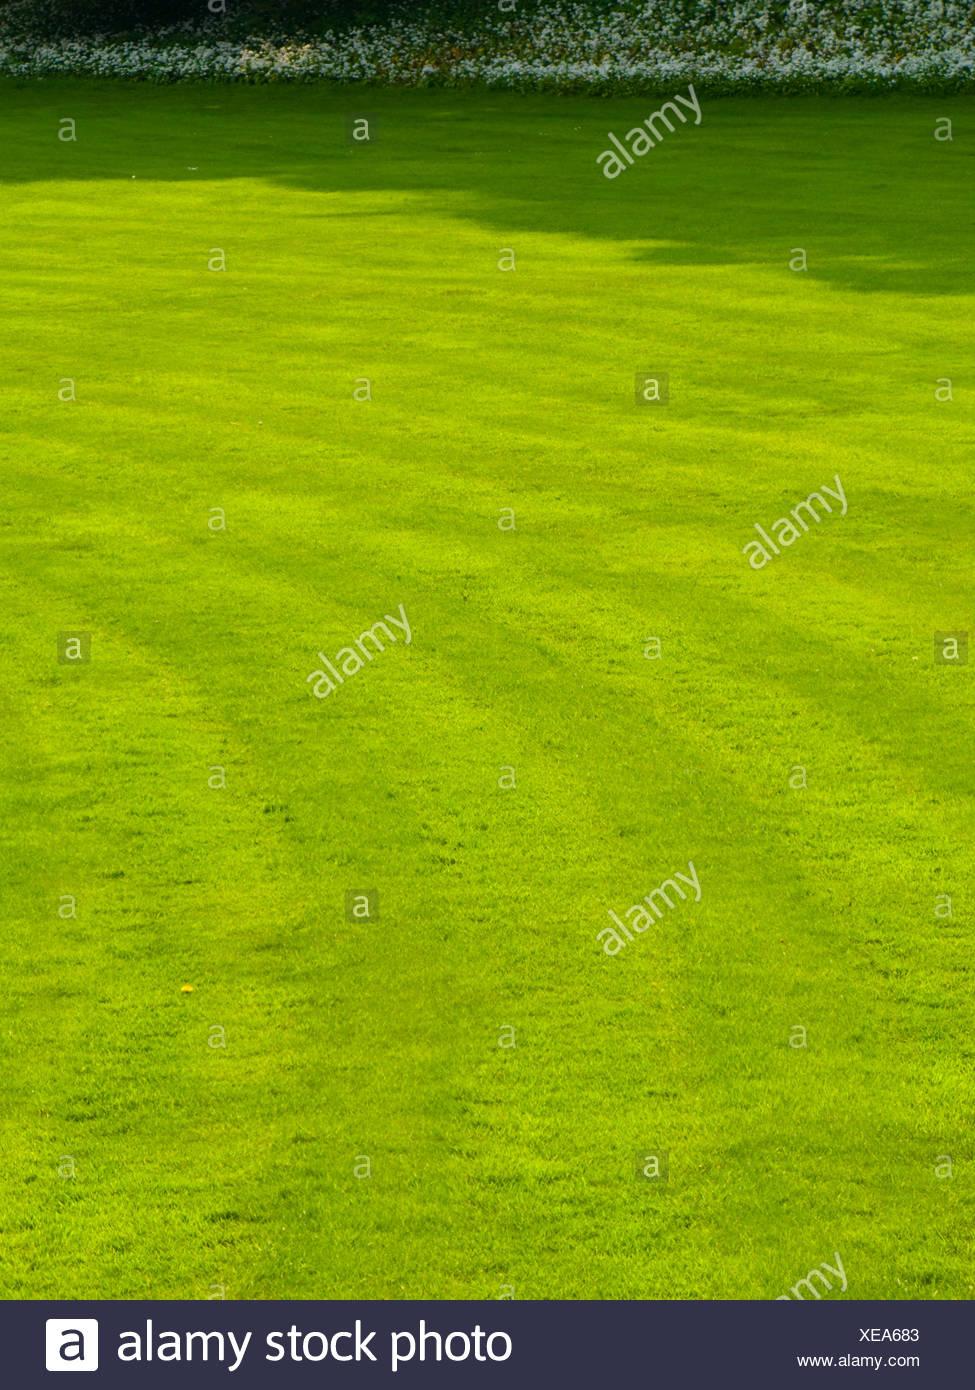 Tonte de pelouse avec des lignes dans l'herbe Photo Stock